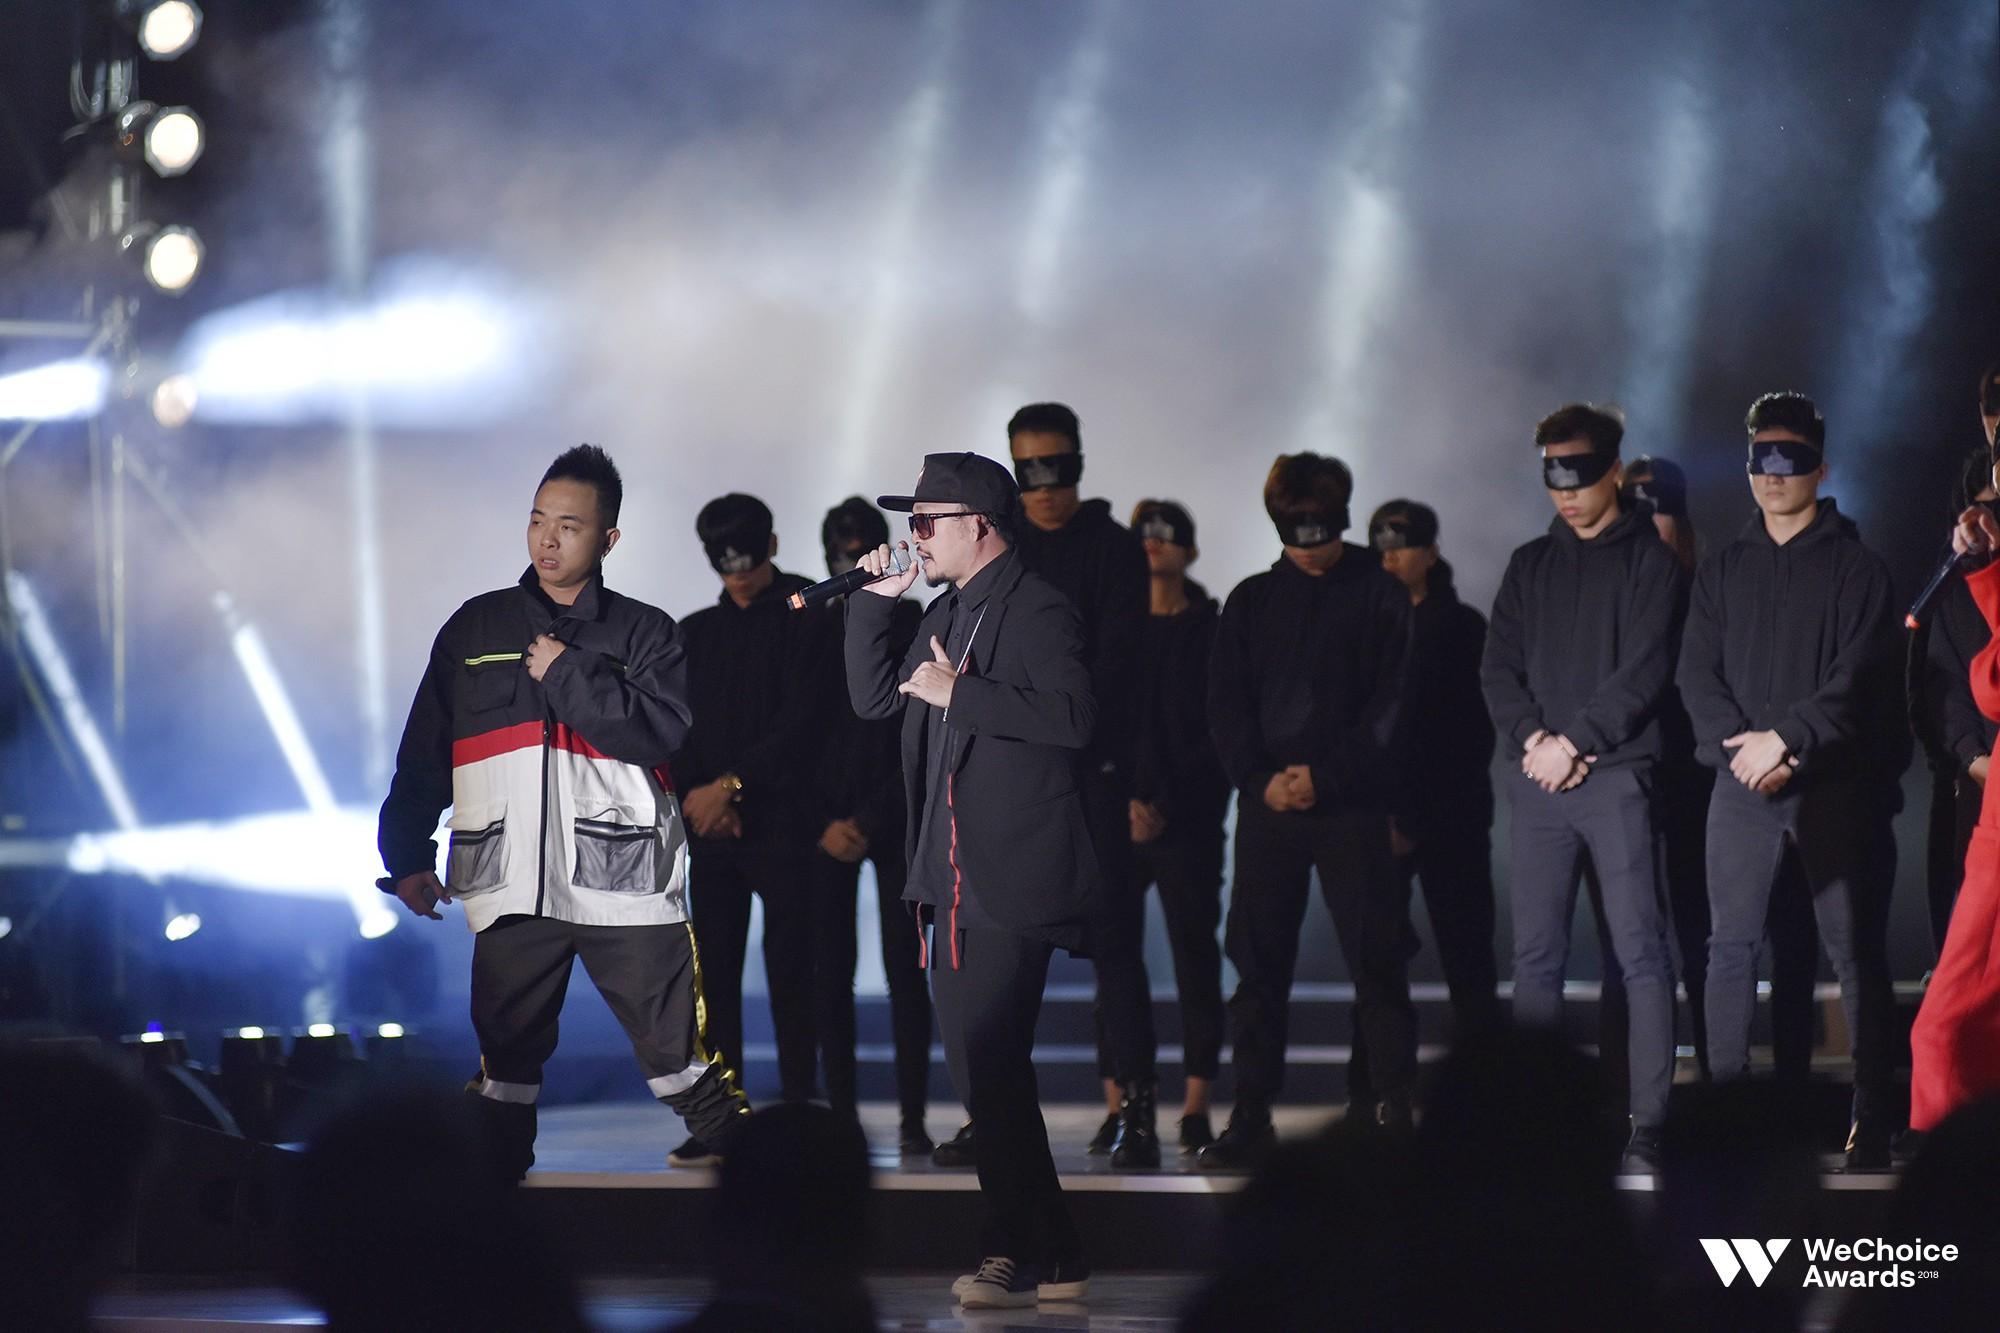 Clip: Tất tần tật các sân khấu đã tai mãn nhãn trong đêm Gala WeChoice Awards 2018 - Ảnh 1.